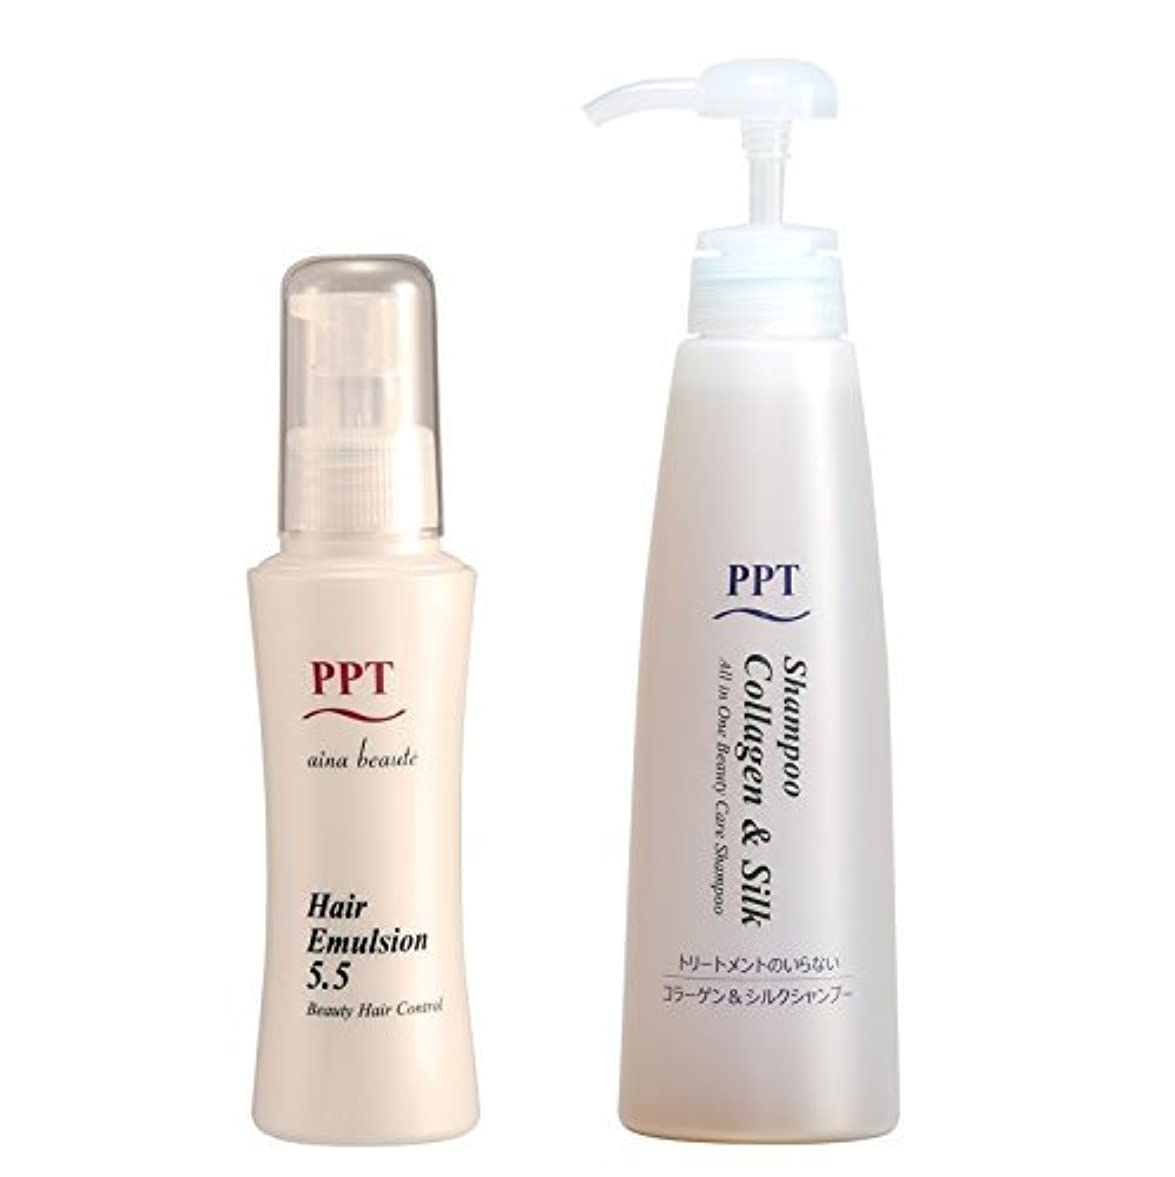 ネックレット初期まっすぐトリートメント不要 PPTコラーゲン&シルクシャンプー脂性肌~普通肌用(ふんわり)、PPTヘアエマルジョン5.5セット